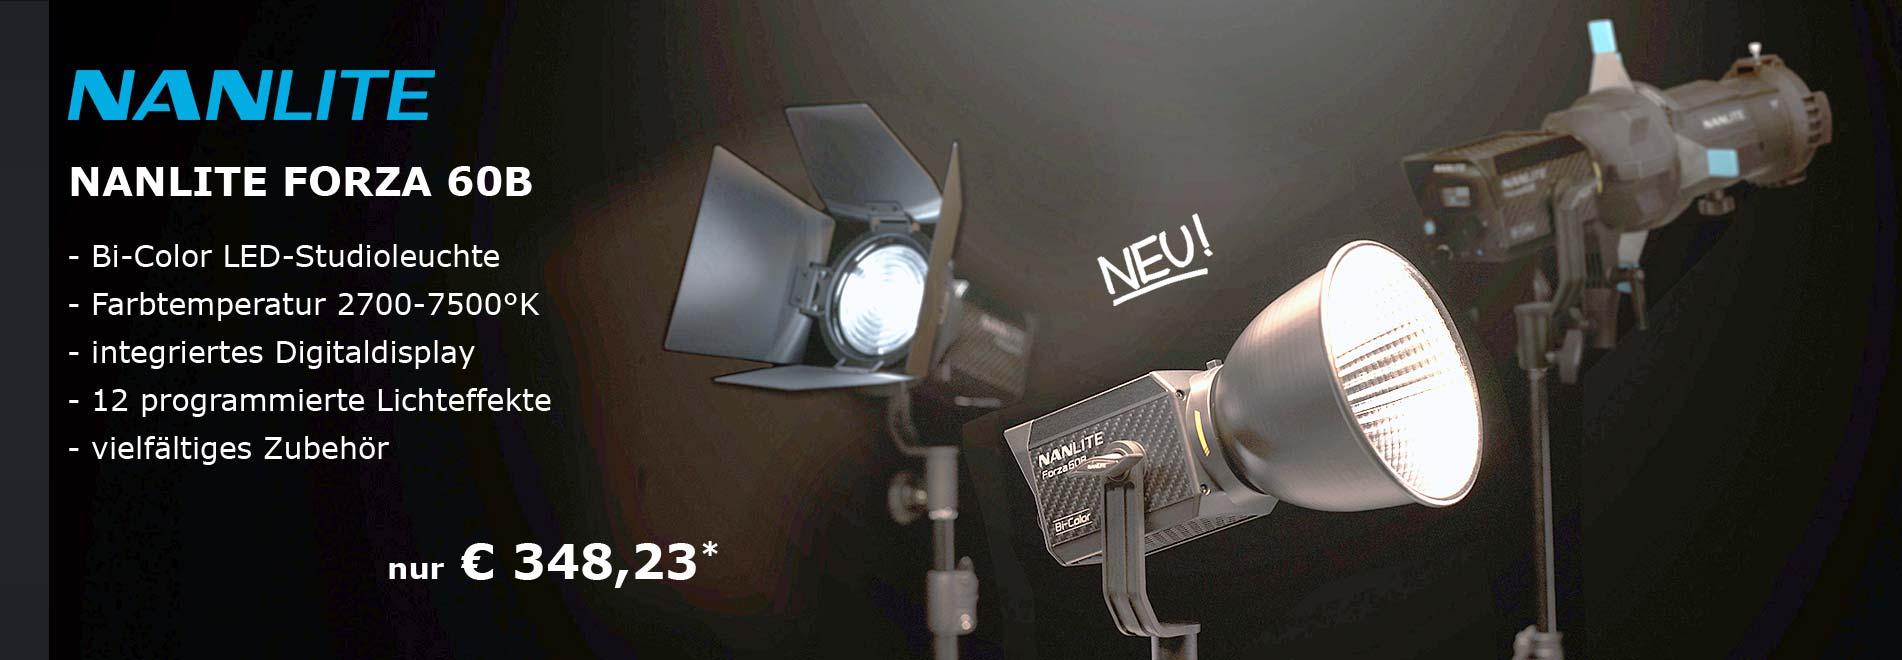 NANLITE FORZA 60B LED Studioleuchte